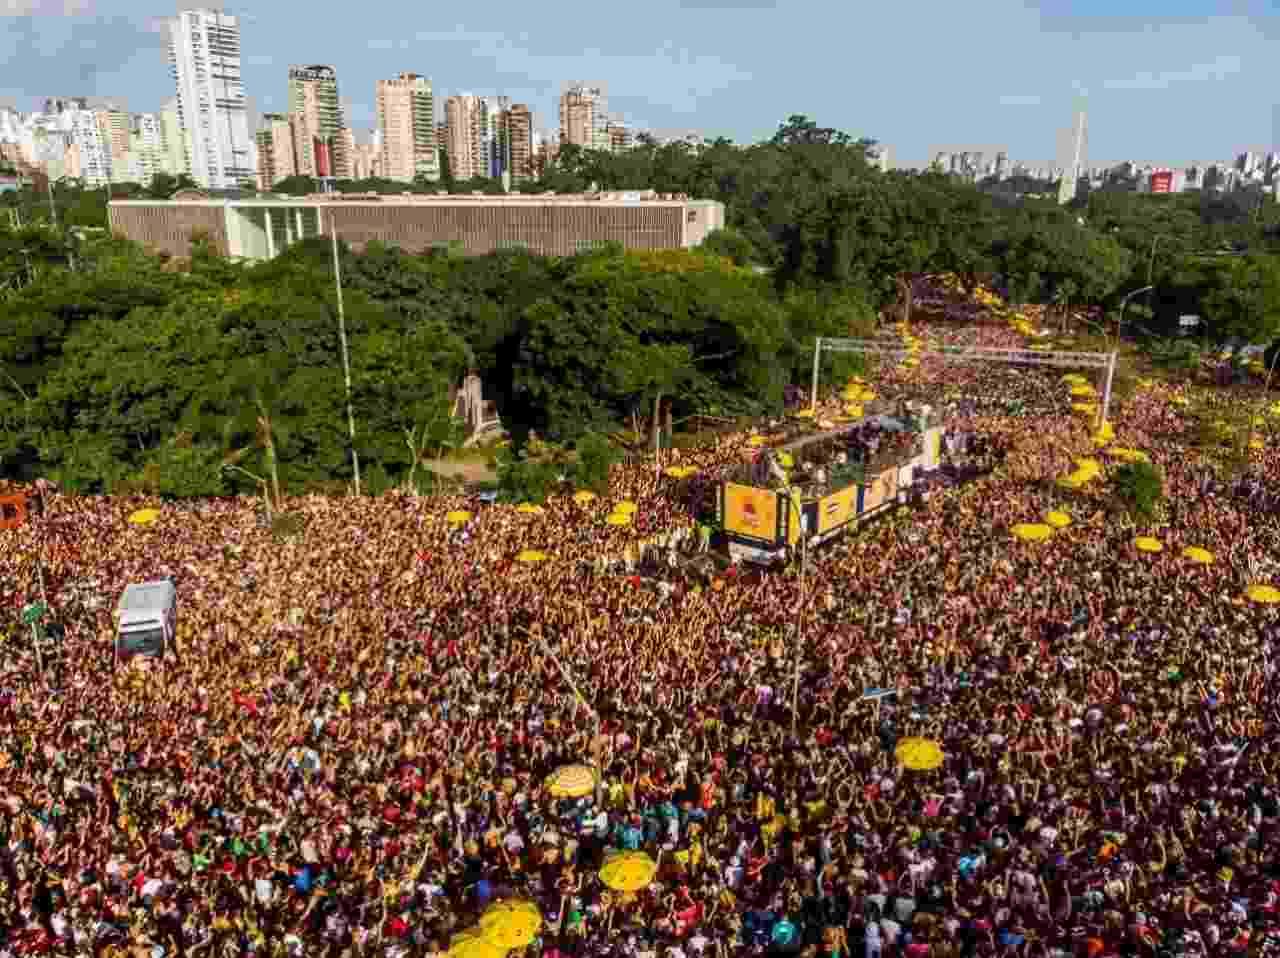 Foliões se reúnem na região do Ibirapuera para o bloco Bicho Maluco Beleza - Edson Lopes Jr./UOL